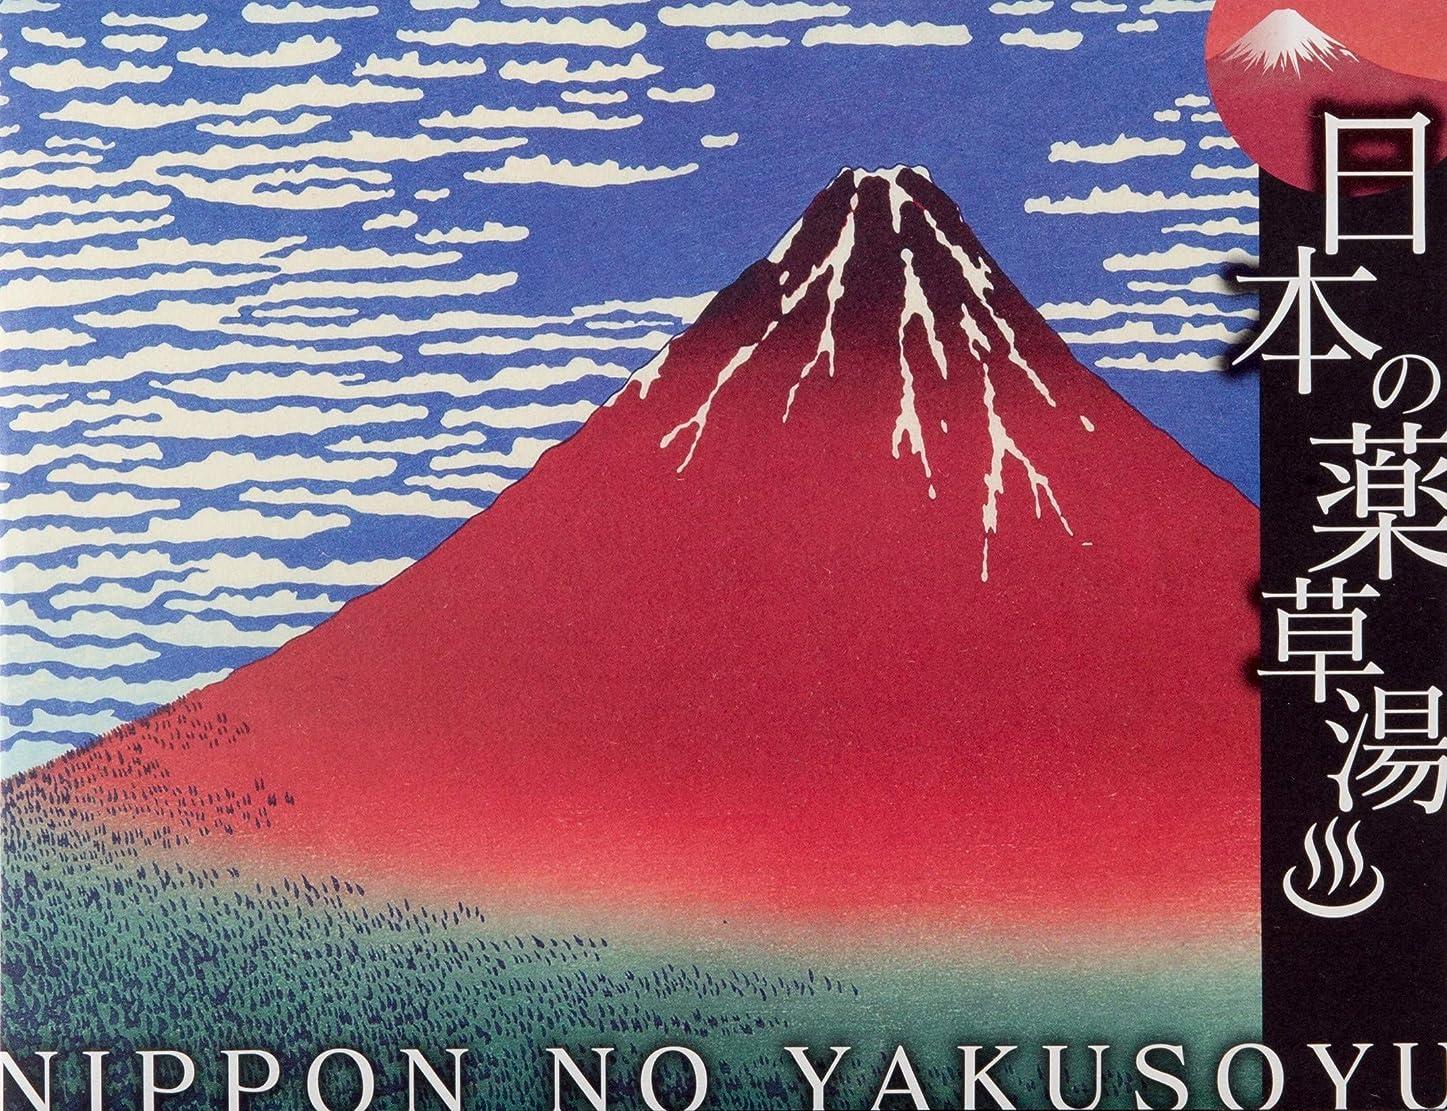 流行しているりんごびっくりした日本の薬草湯 凱風快晴(富嶽三十六景)